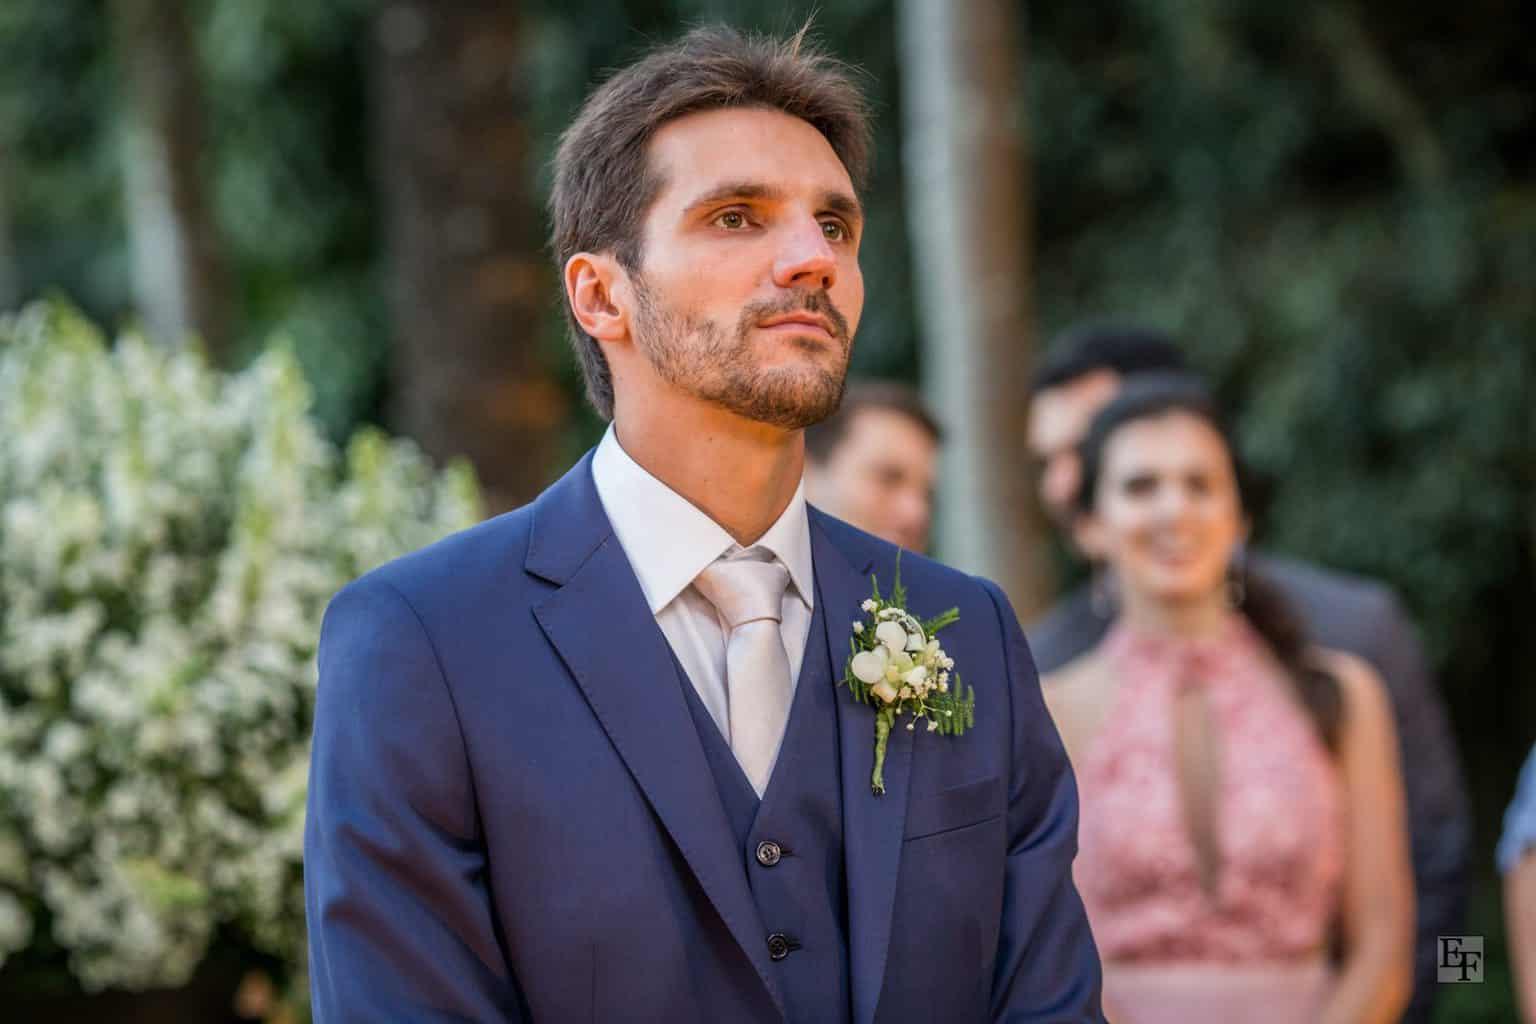 casamento-carolina-e-vitor-caseme-foto-edu-federice-21